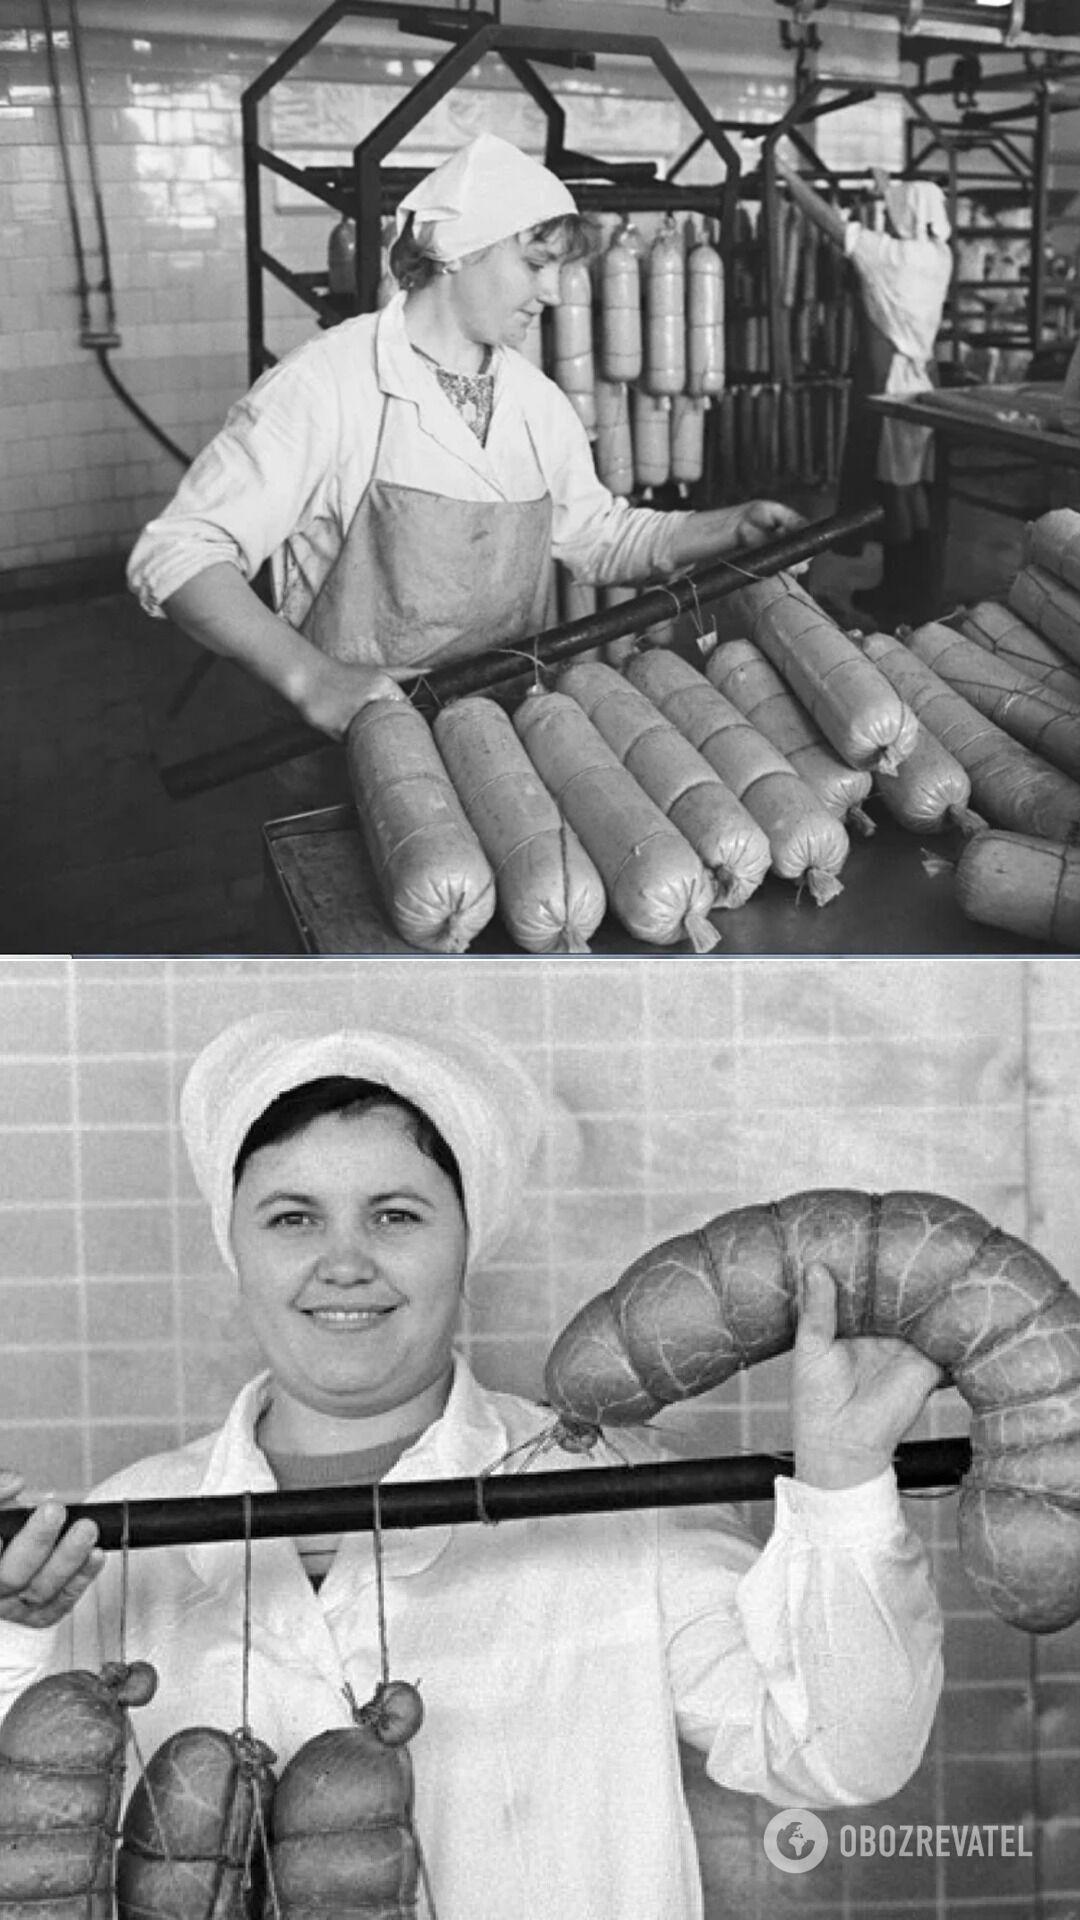 Докторскую колбасу начали изготавливать в СССР в 1936 году